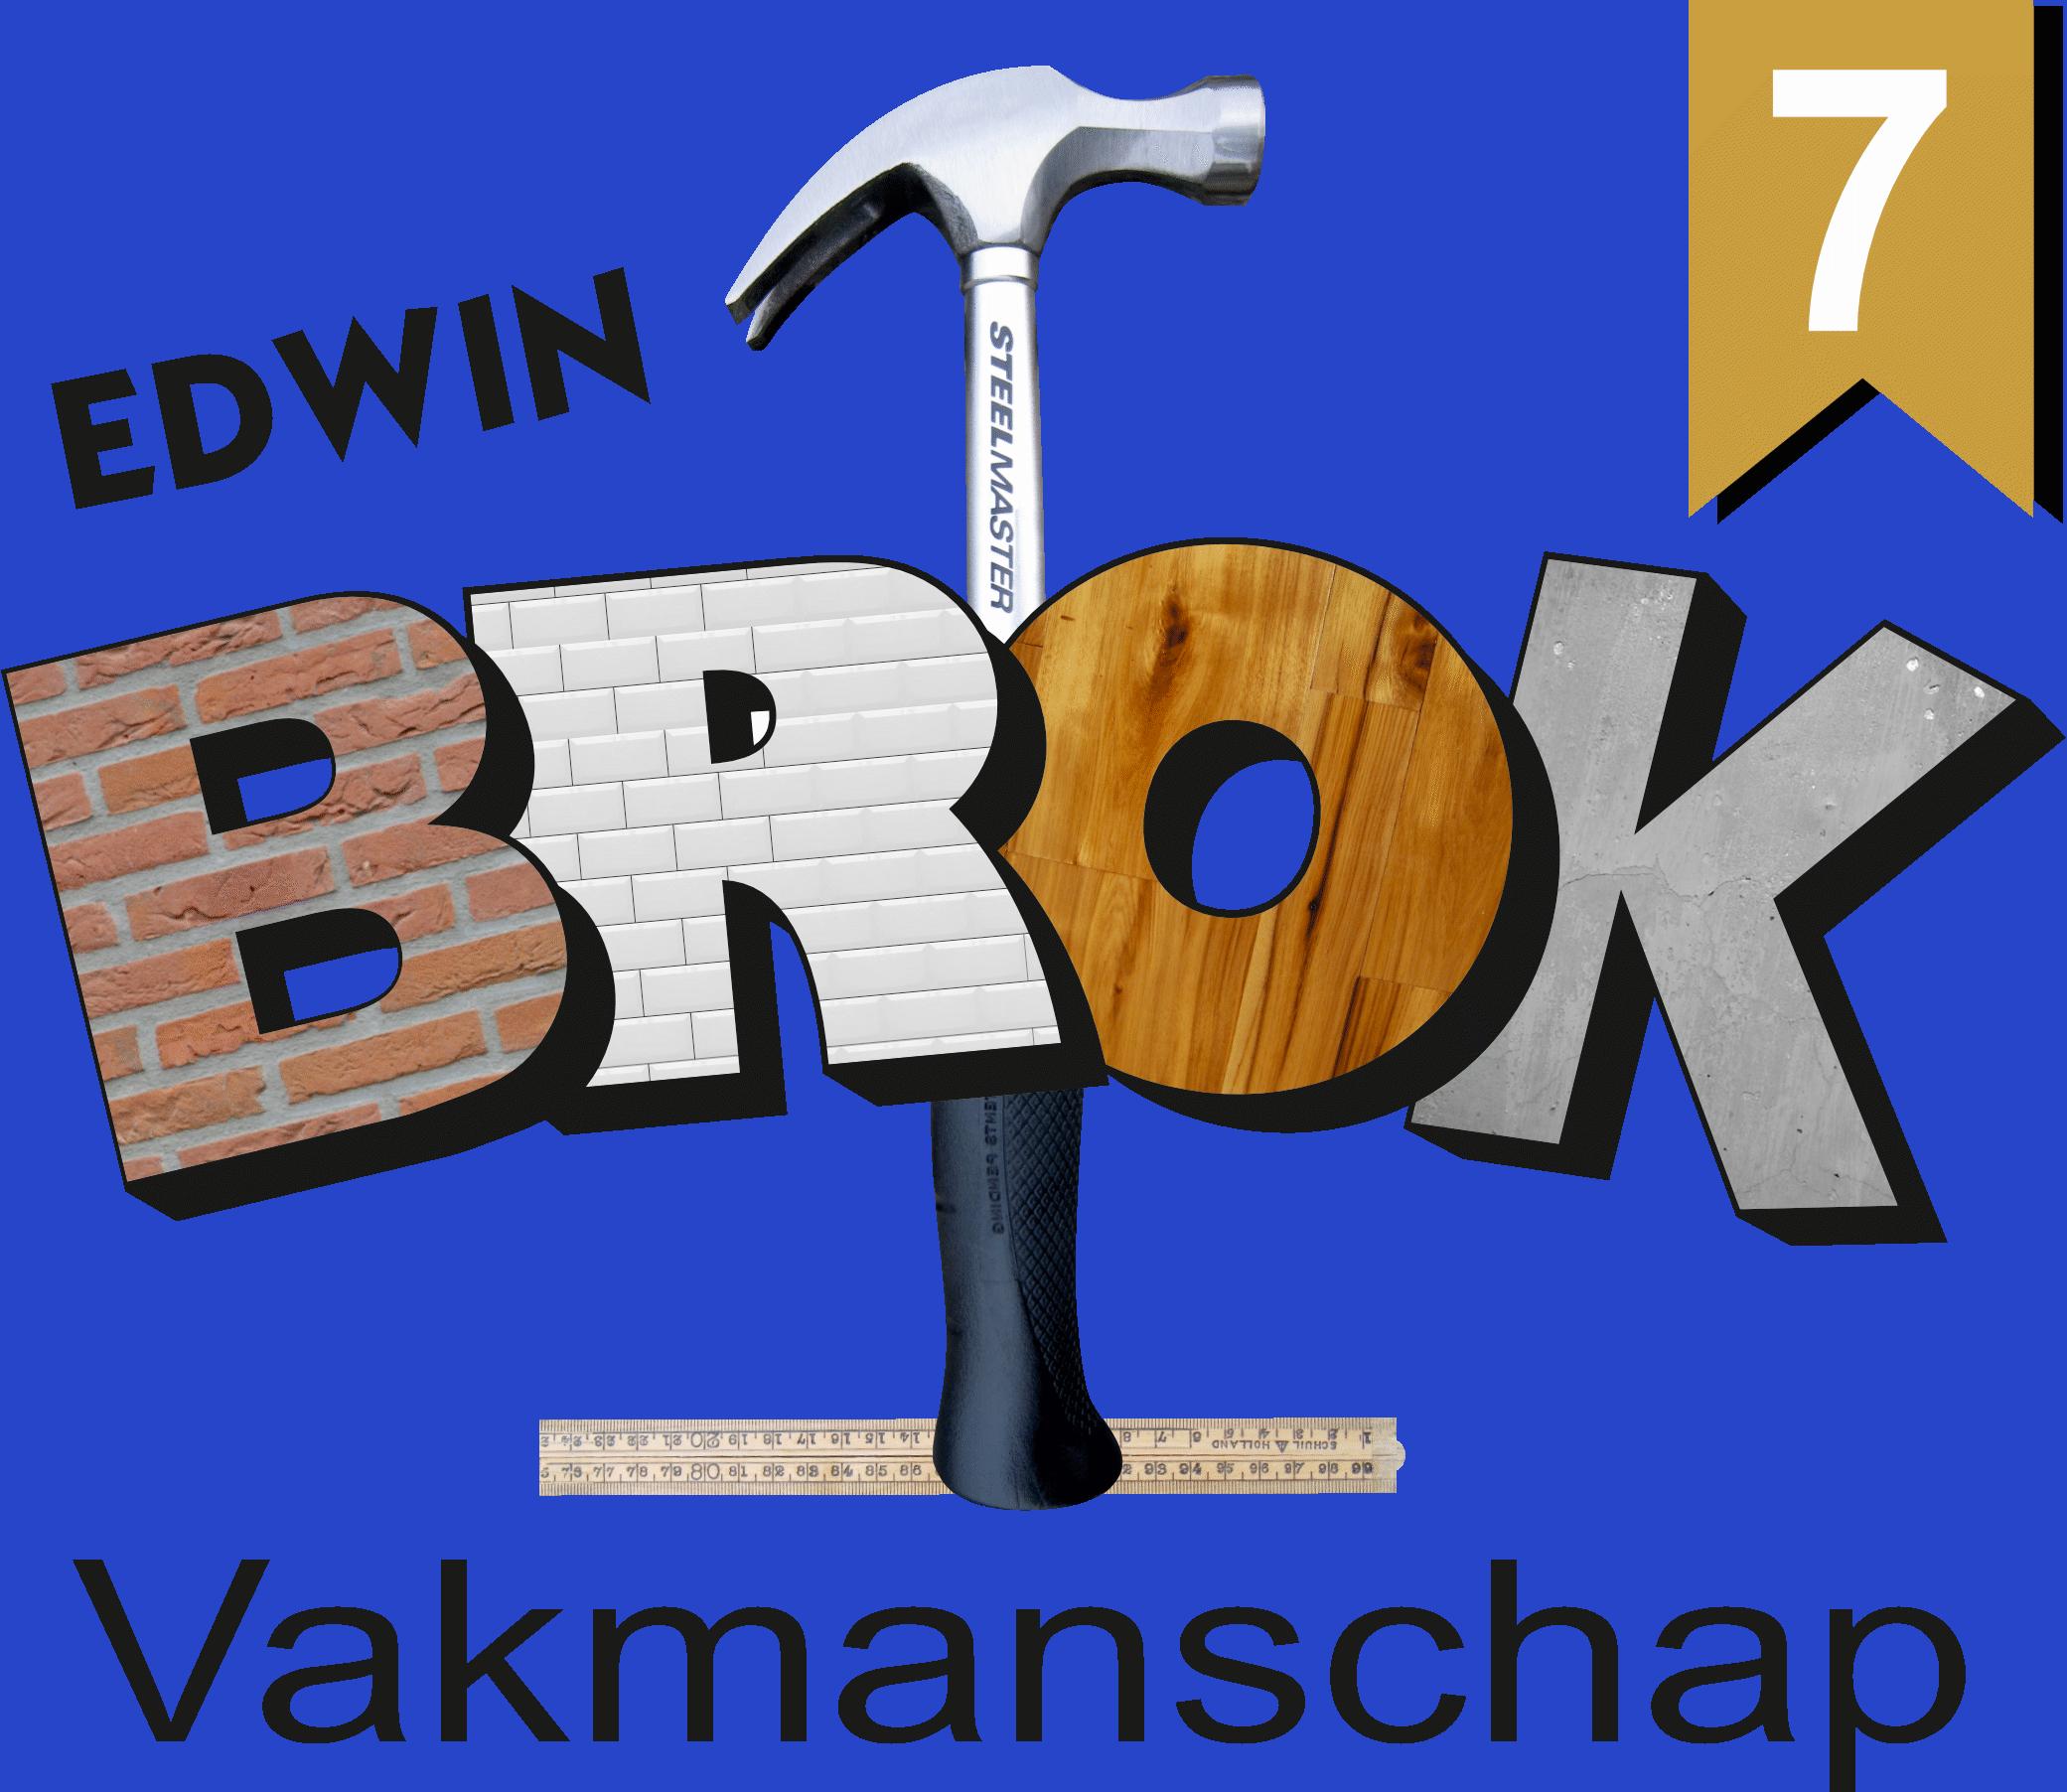 Edwin Brok